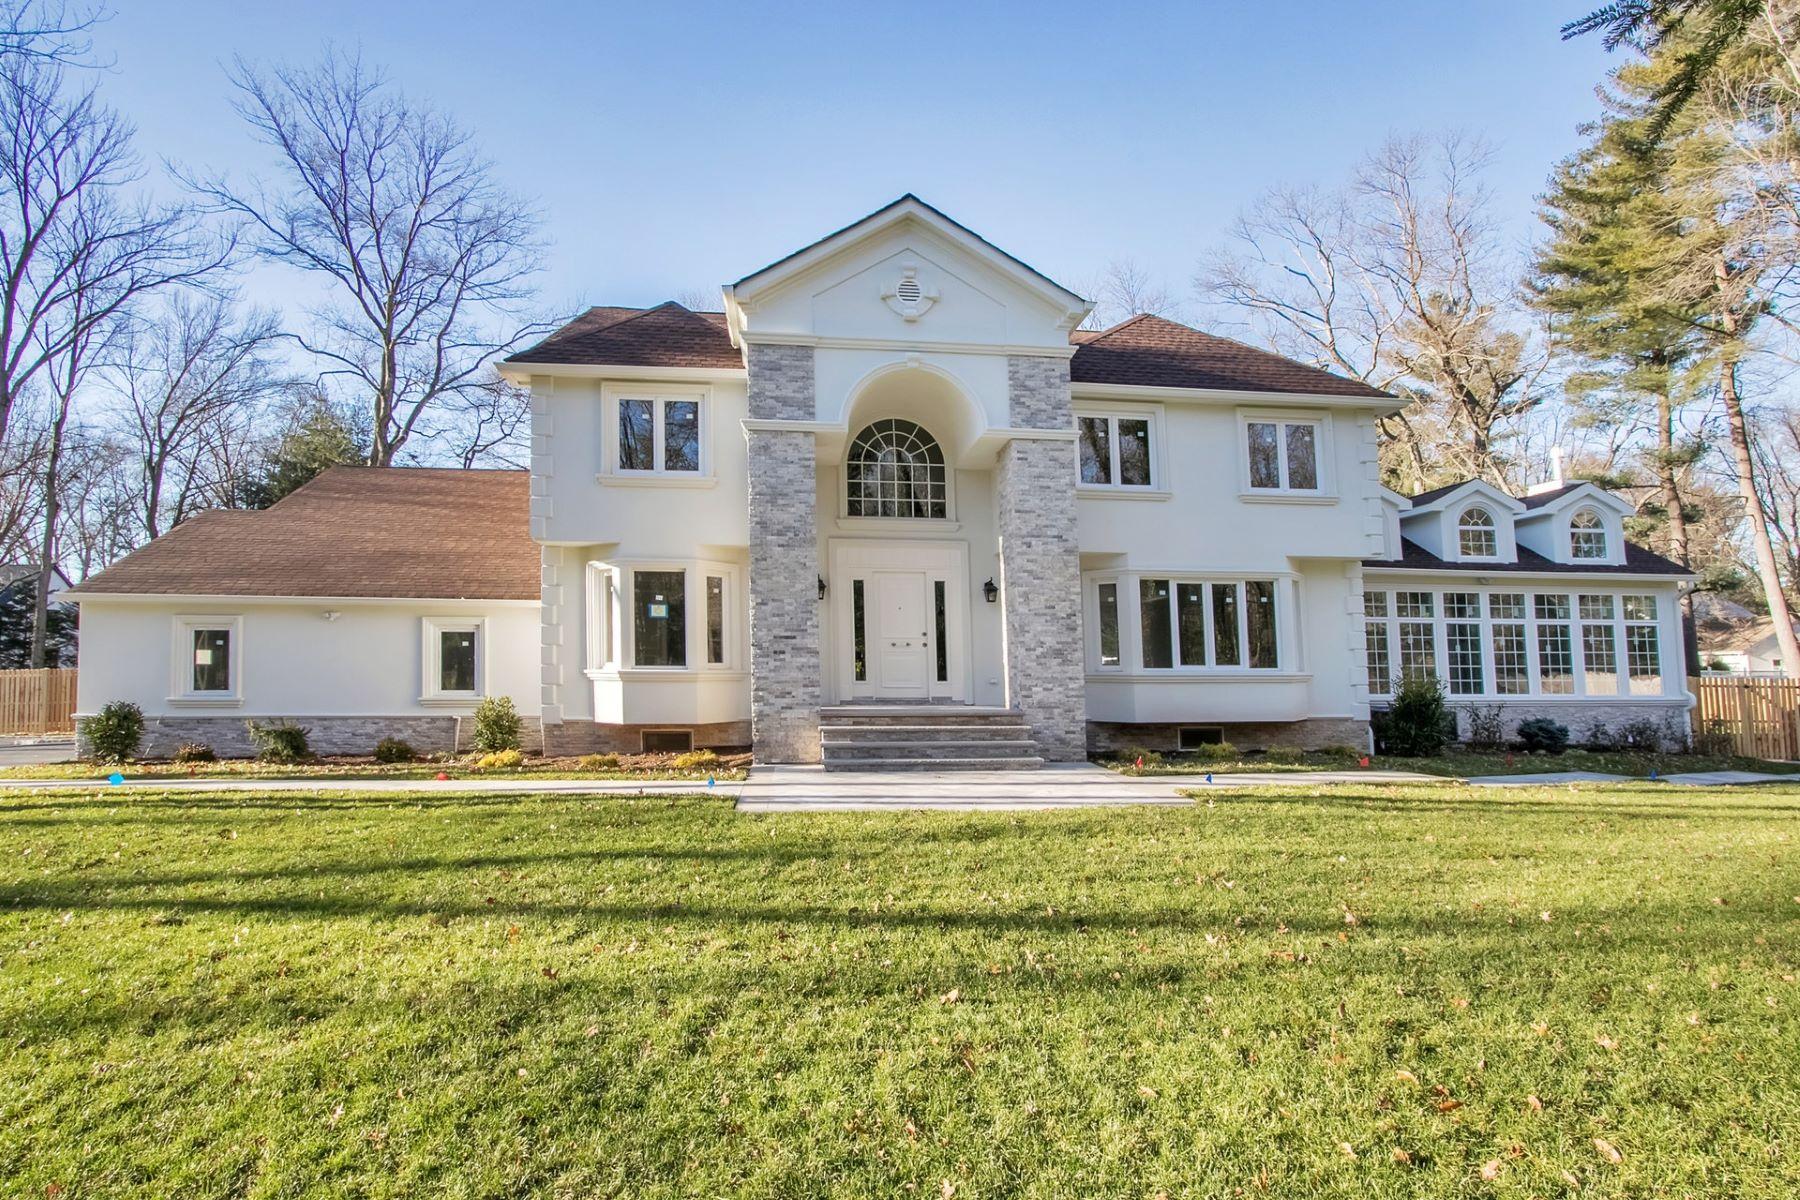 Частный односемейный дом для того Продажа на Center Hall Colonial 635 Piermont Road, Demarest, Нью-Джерси 07627 Соединенные Штаты